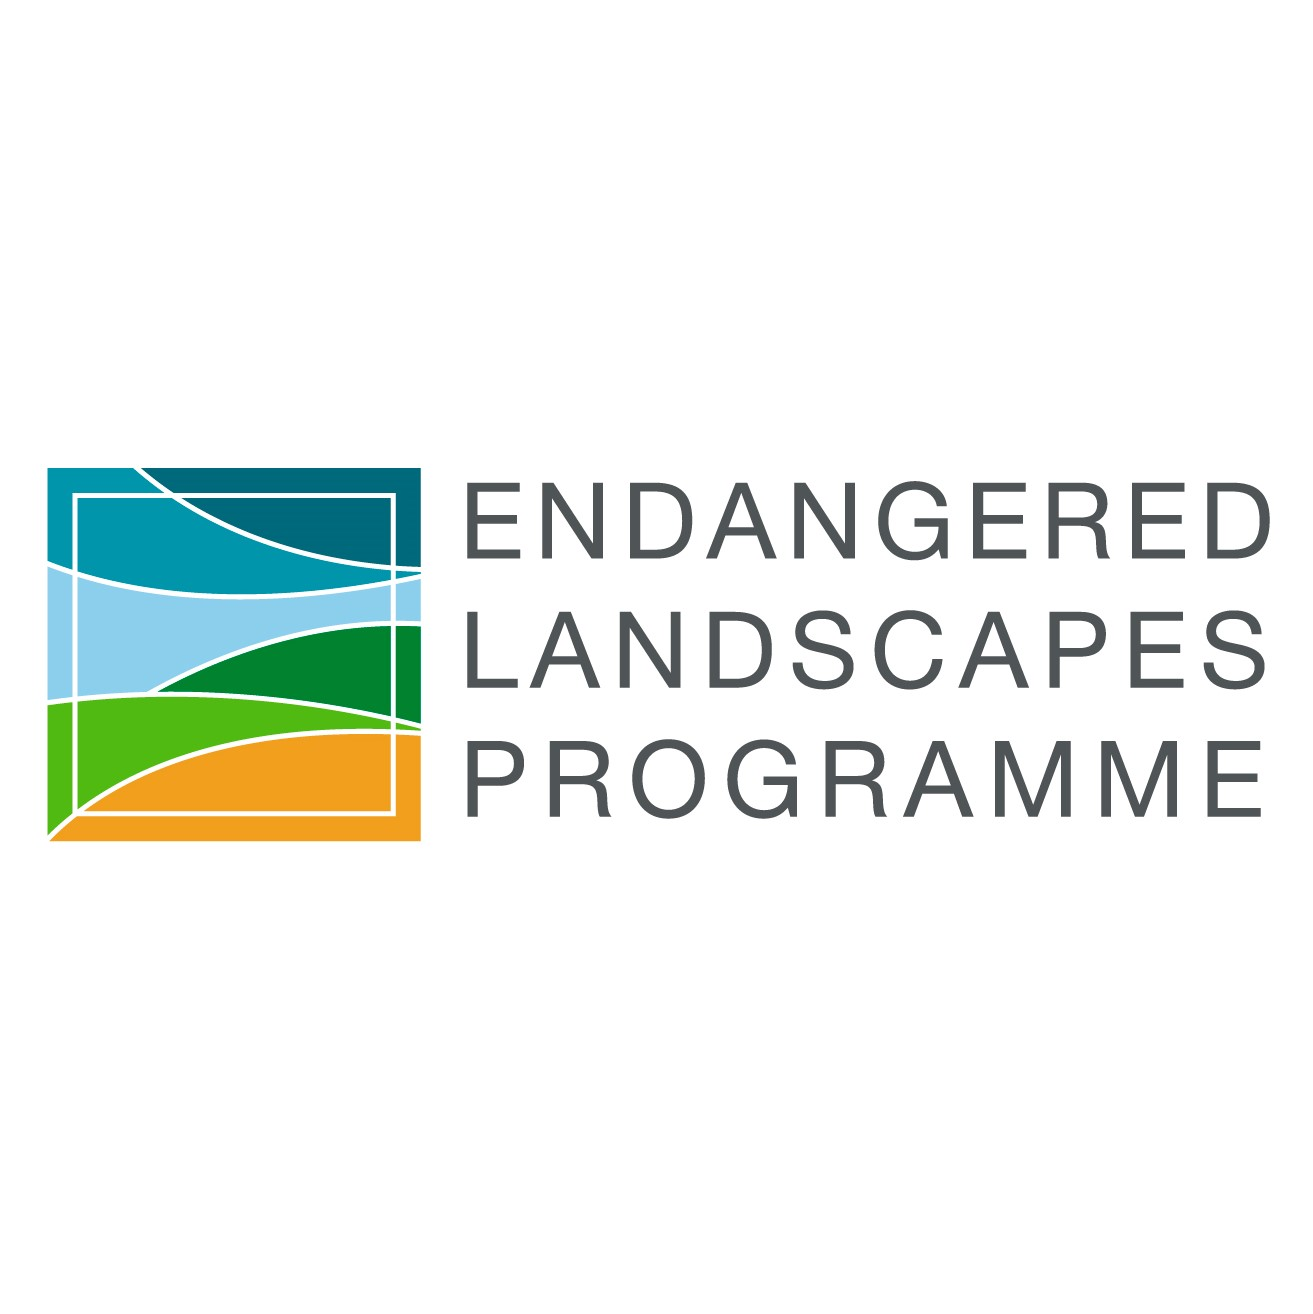 Endangered Landscapes Programme Logo - Landscape - Copy